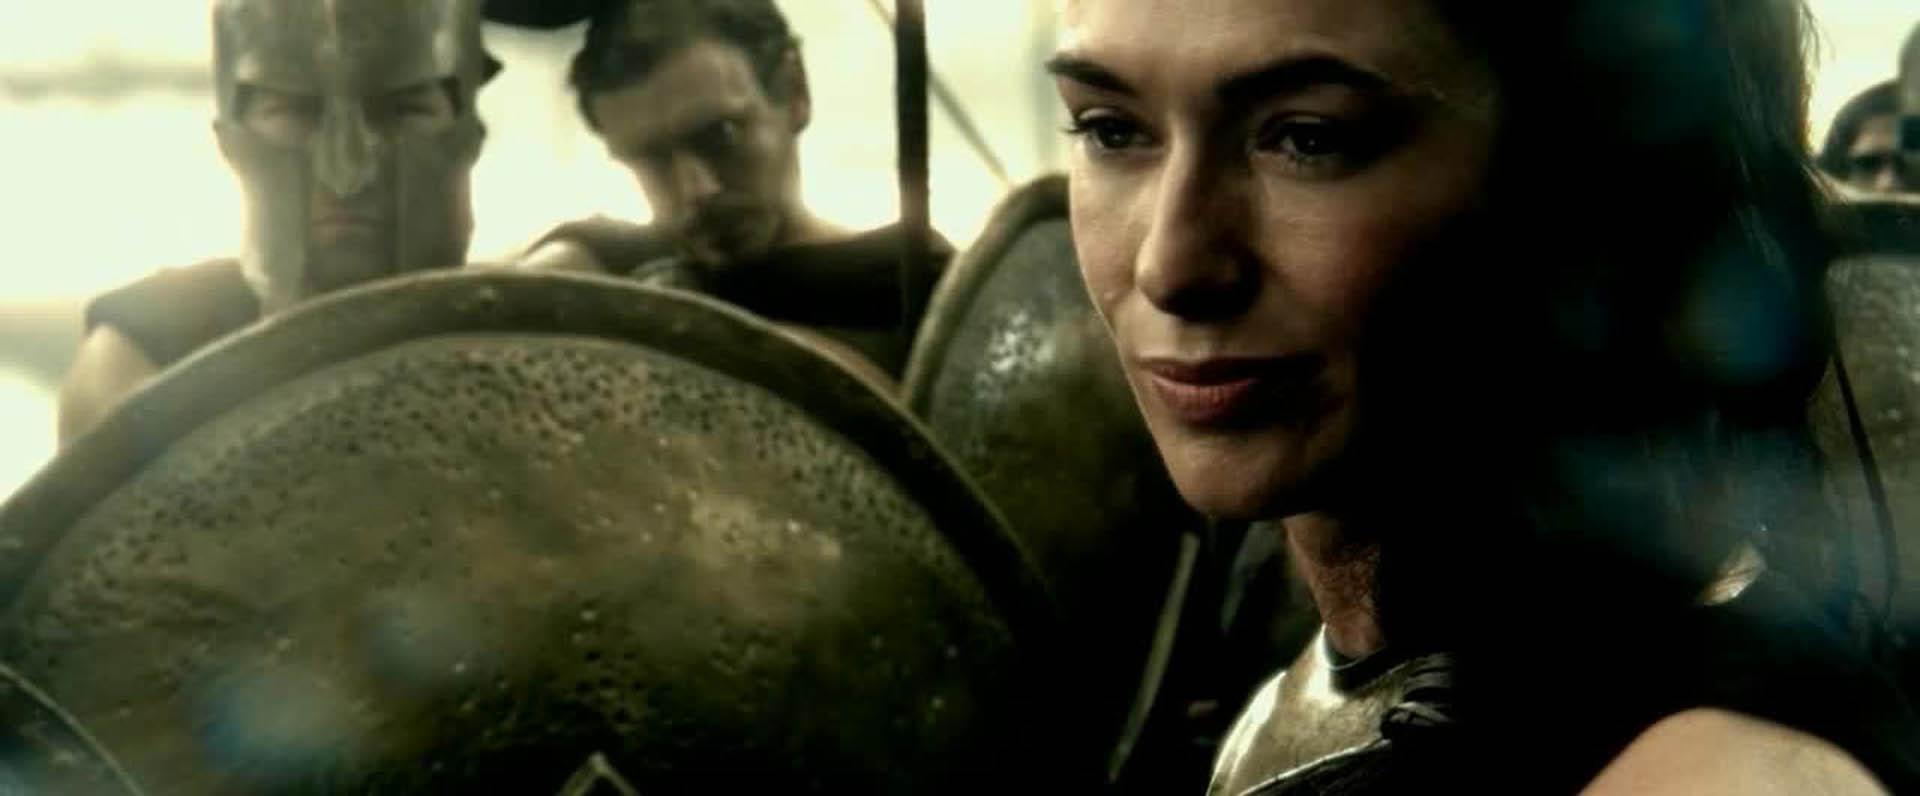 300 спартанцев 2007 смотреть онлайн в HD 1080